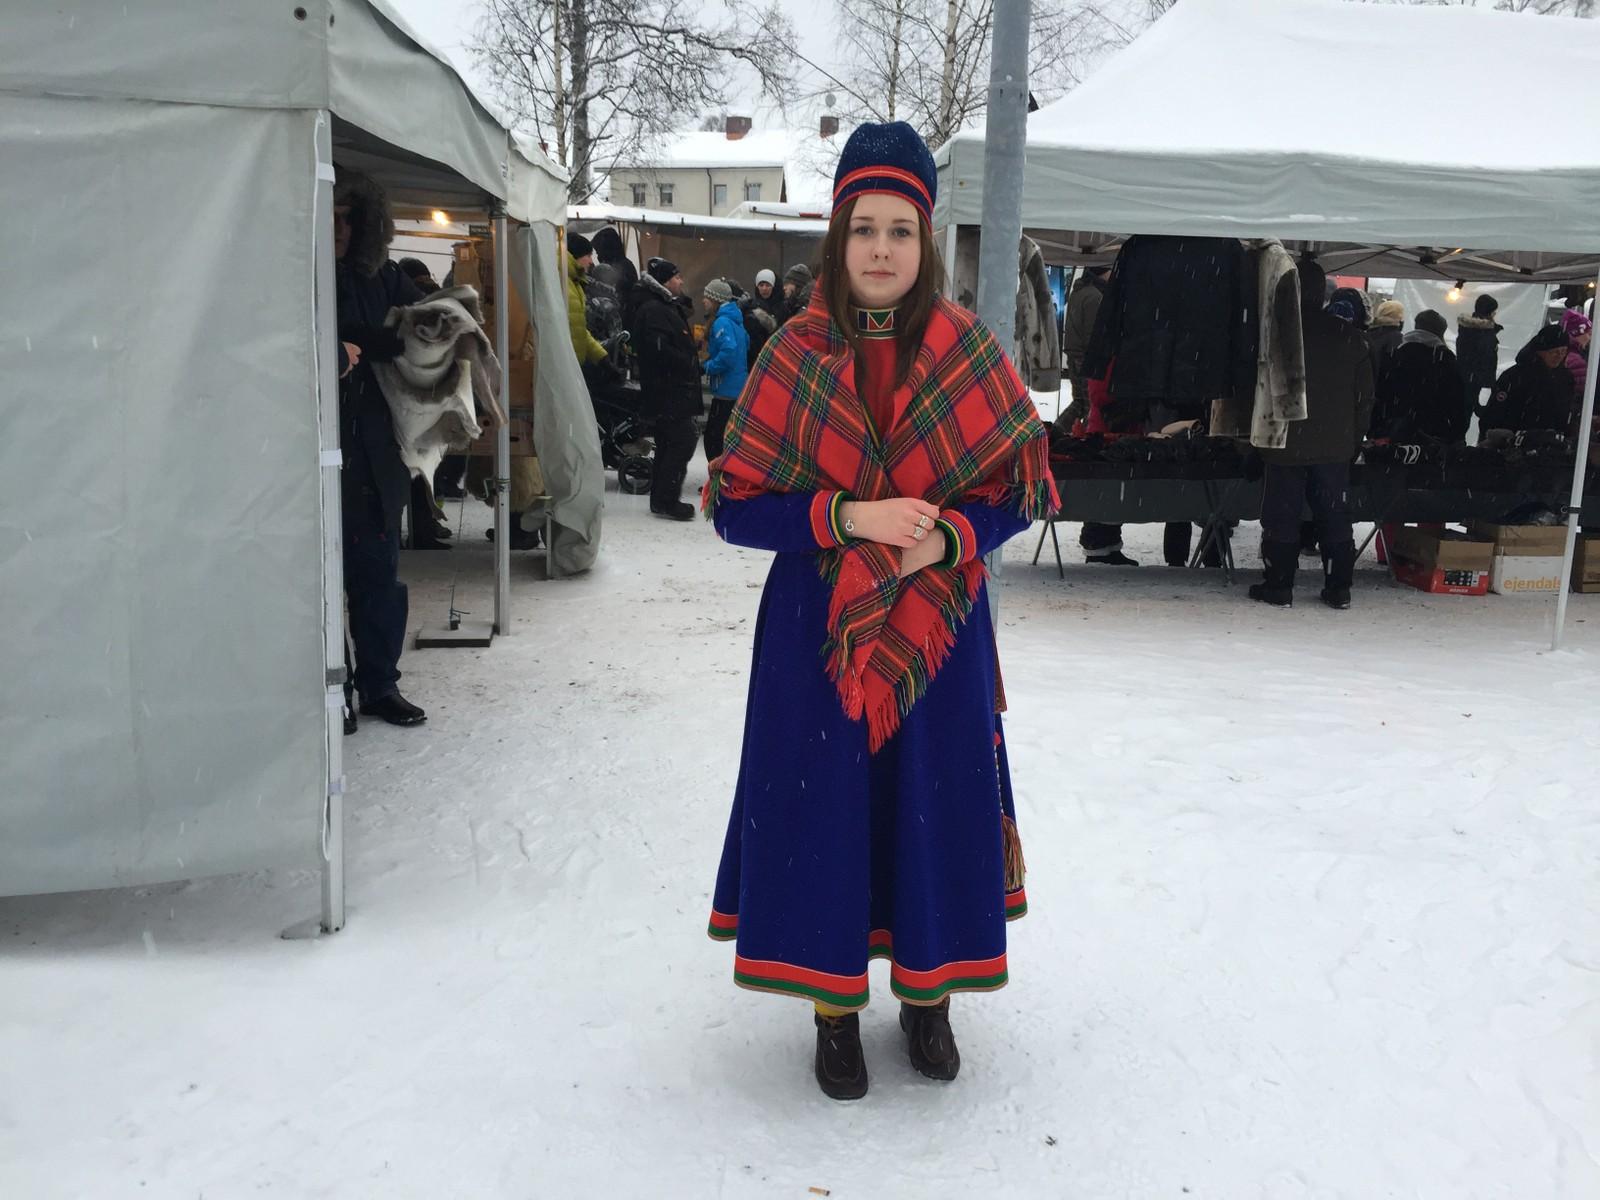 Maja-Stina Aira er 15 år og fra Jokkmokk og deltar under feiringen av nasjonaldagen.